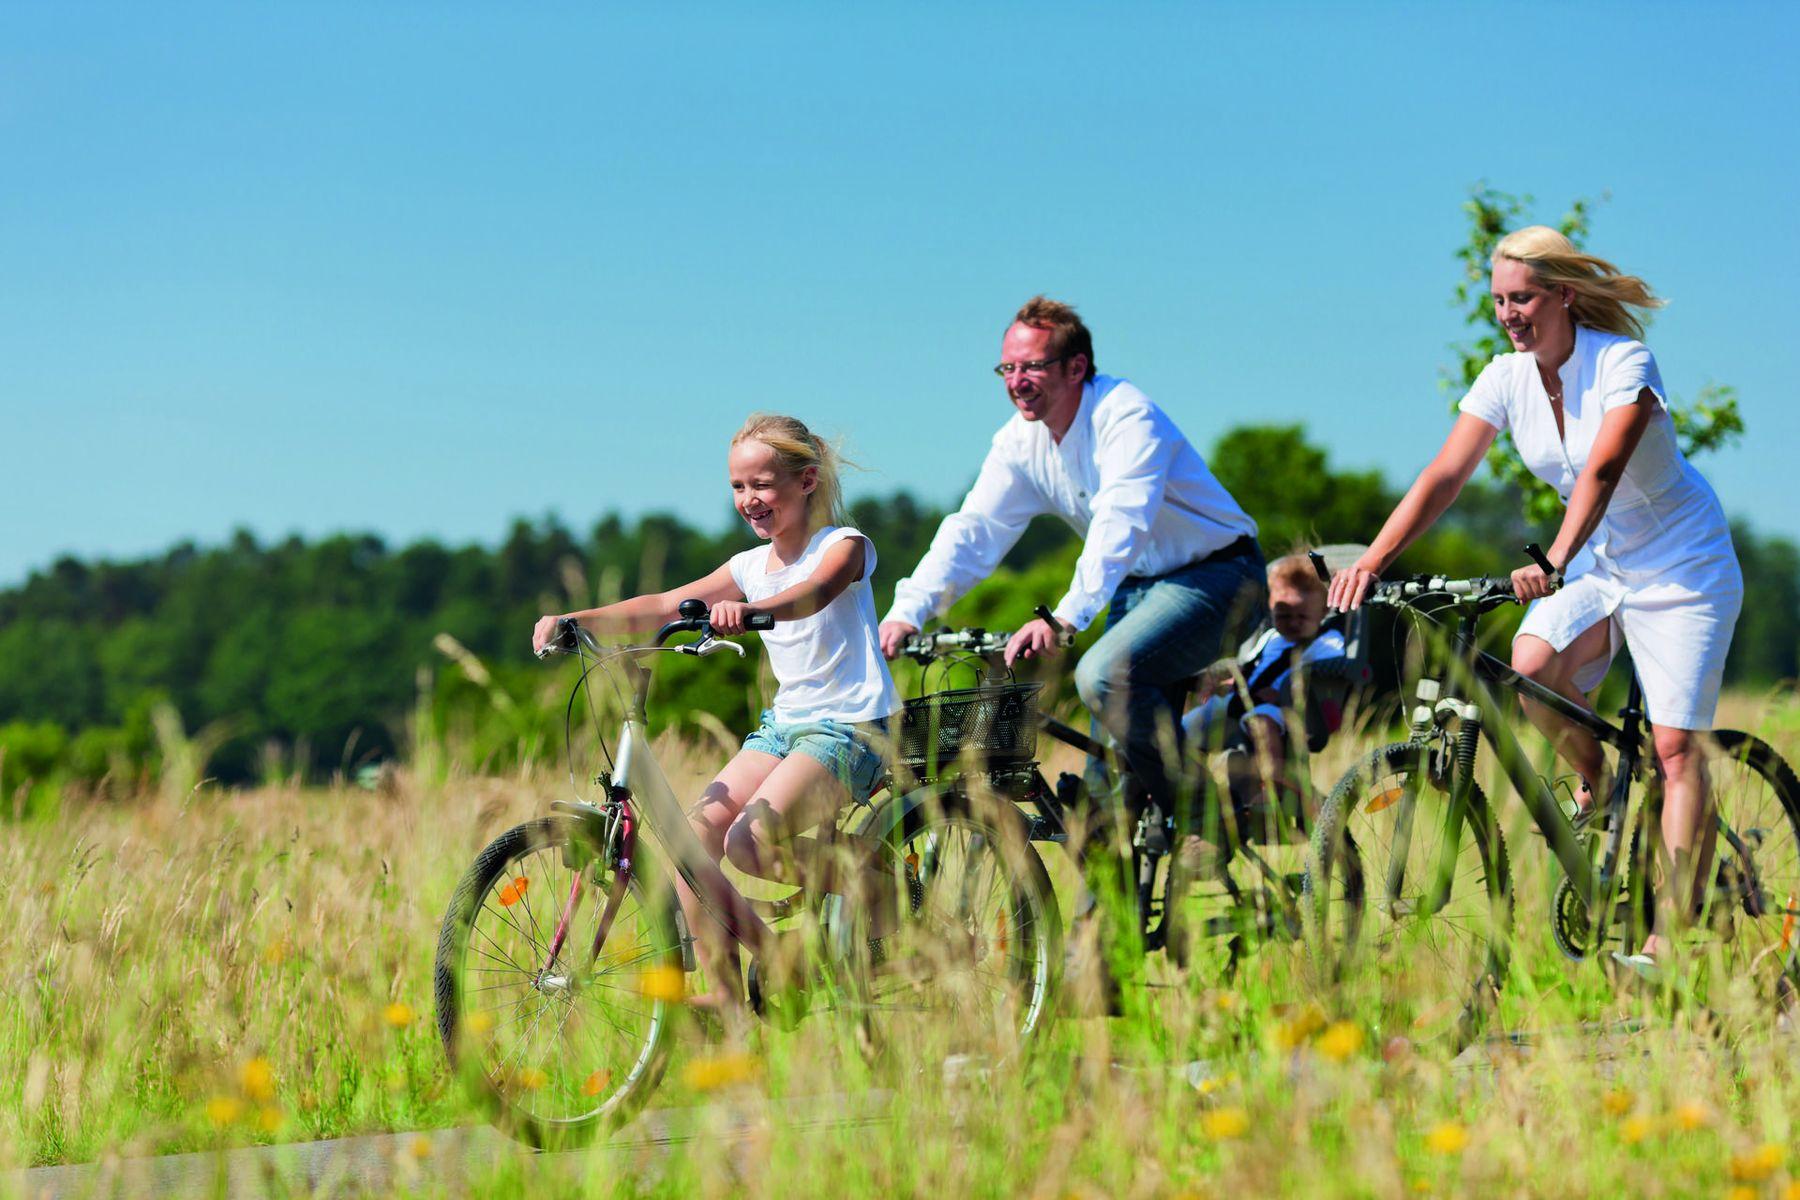 Radfahren Familie iStock 525669625